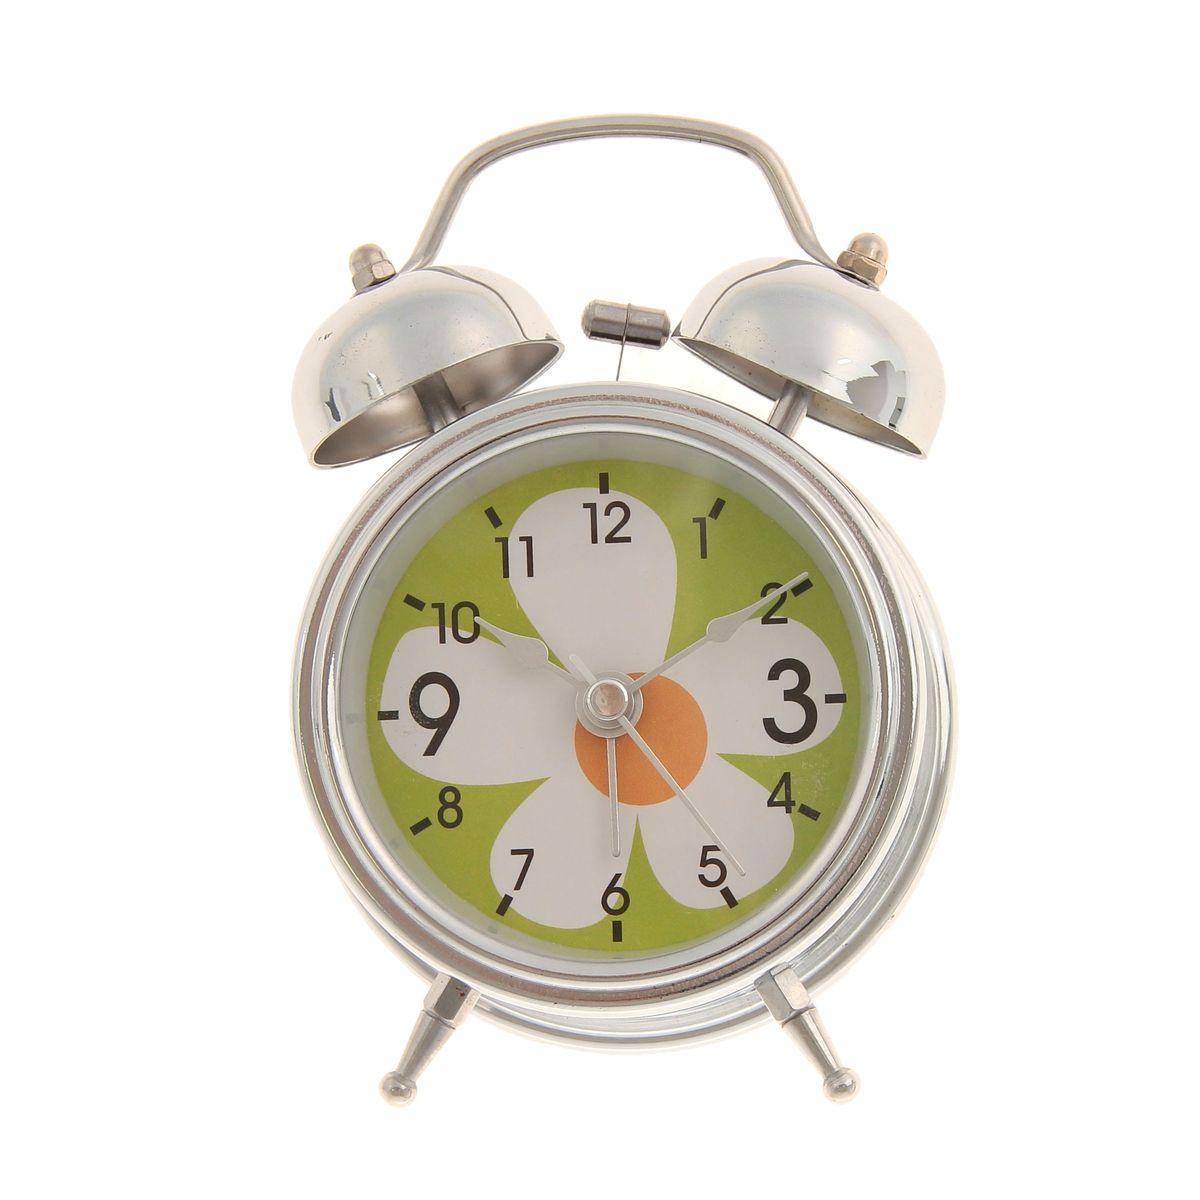 Часы-будильник Sima-land. 669596669596Как же сложно иногда вставать вовремя! Всегда так хочется поспать еще хотя бы 5 минут и бывает, что мы просыпаем. Теперь этого не случится! Яркий, оригинальный будильник Sima-land поможет вам всегда вставать в нужное время и успевать везде и всюду. Время показывает точно и будит в установленный час. Будильник украсит вашу комнату и приведет в восхищение друзей. На задней панели будильника расположены переключатель включения/выключения механизма и два колесика для настройки текущего времени и времени звонка будильника. Также будильник оснащен кнопкой, при нажатии и удержании которой, подсвечивается циферблат. Будильник работает от 1 батарейки типа AA напряжением 1,5V (не входит в комплект).